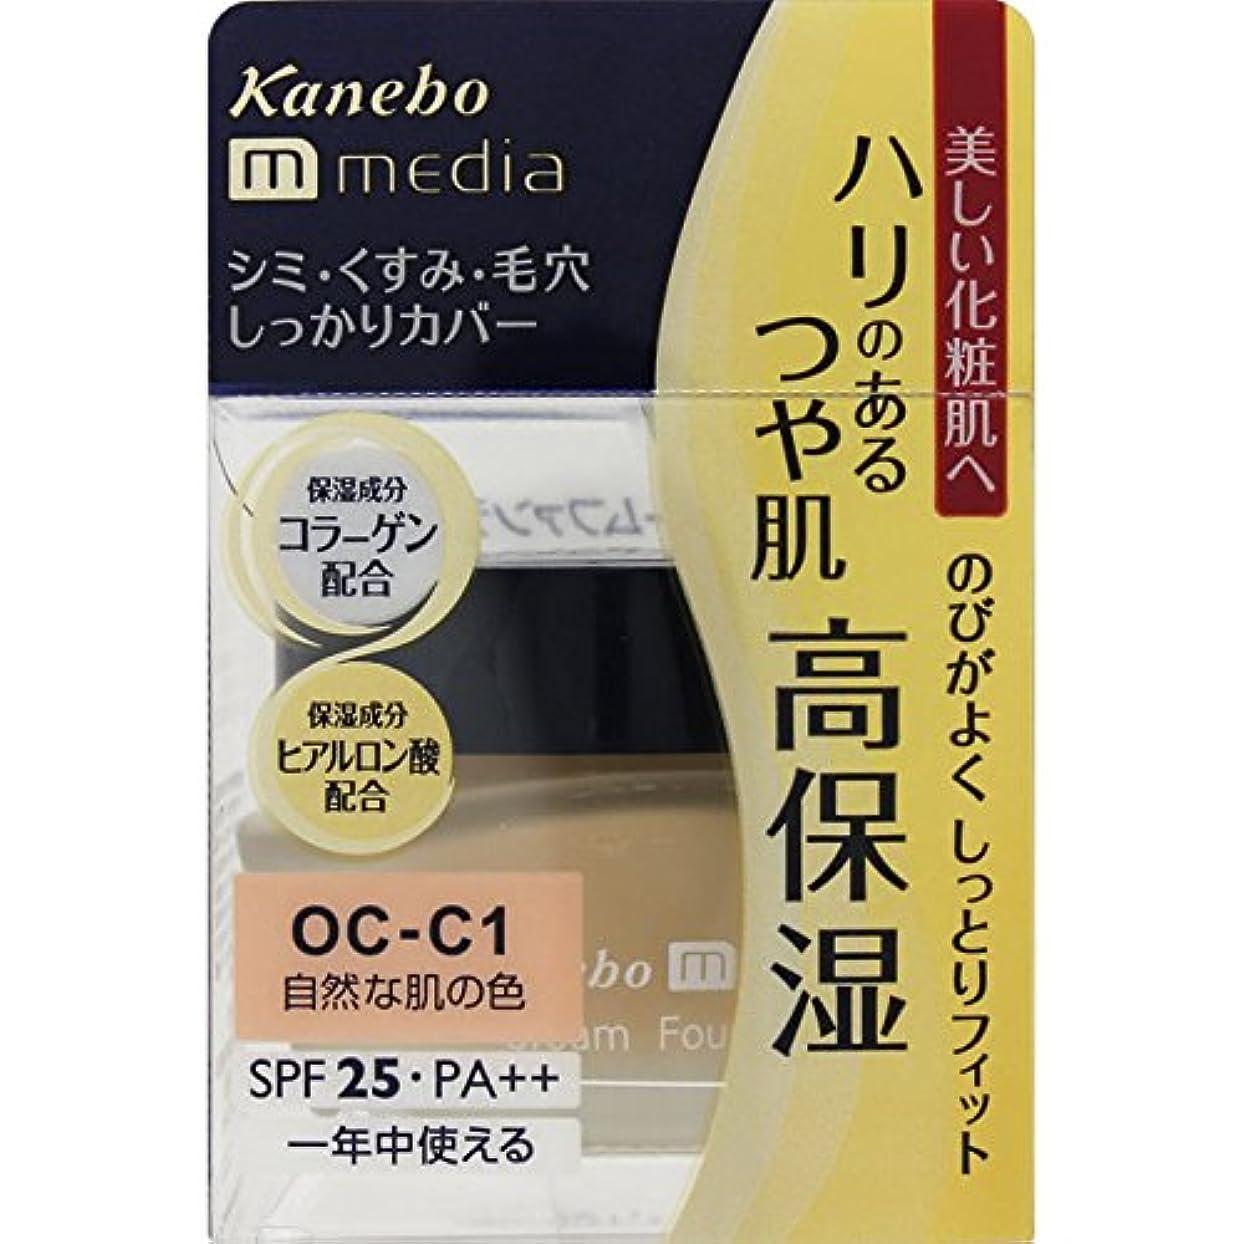 本能フライカイト胆嚢カネボウ media(メディア) クリームファンデーション OC-C1(自然な肌の色)